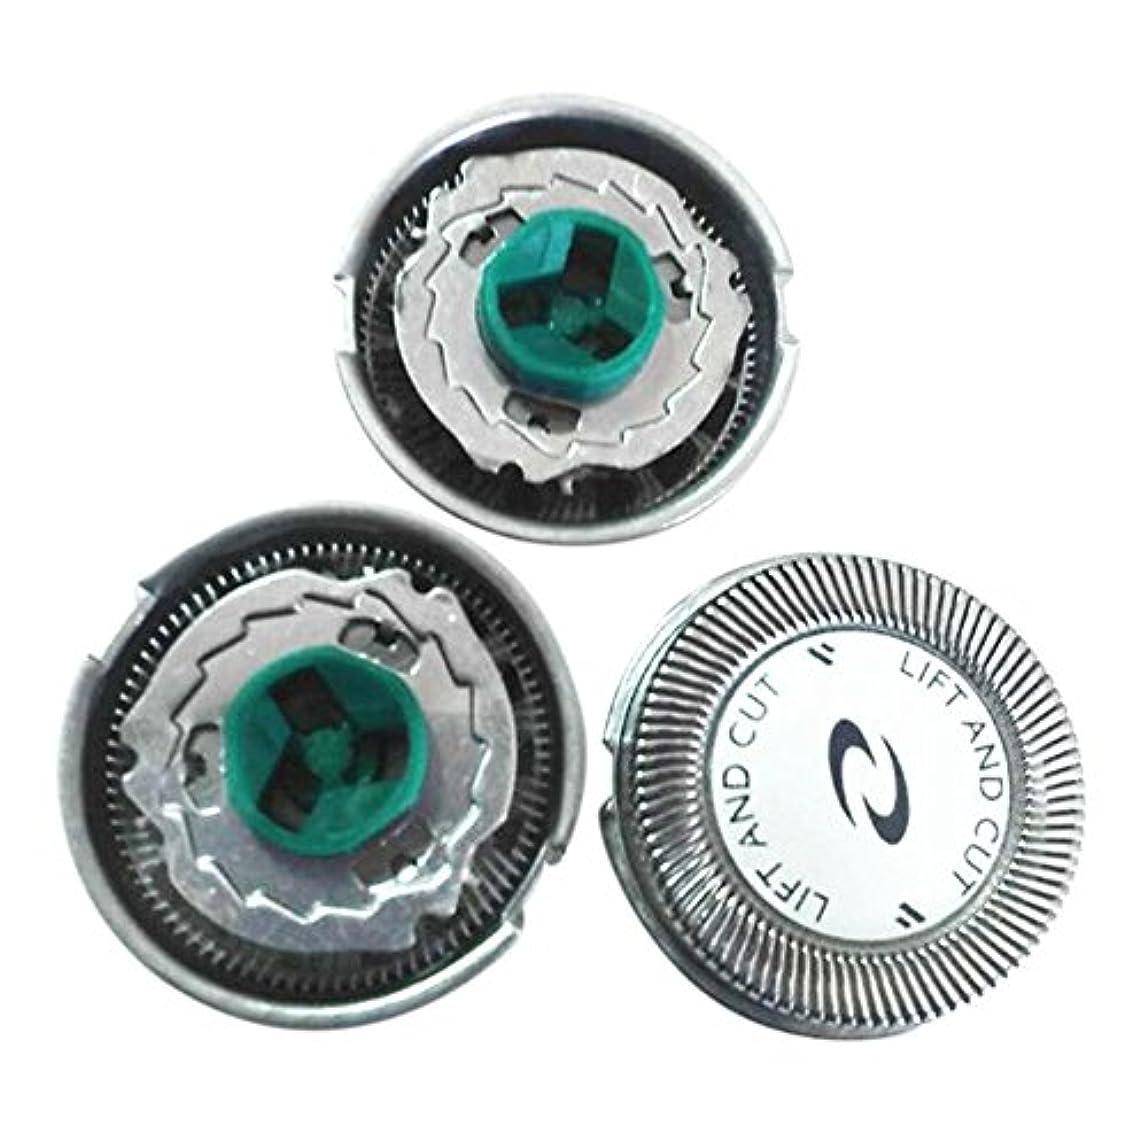 パーティション事業巻き戻すHZjundasi 3x Replacement シェーバーヘッドフォイル+Cutters for Philip HQ6070 7310XL PT726/720